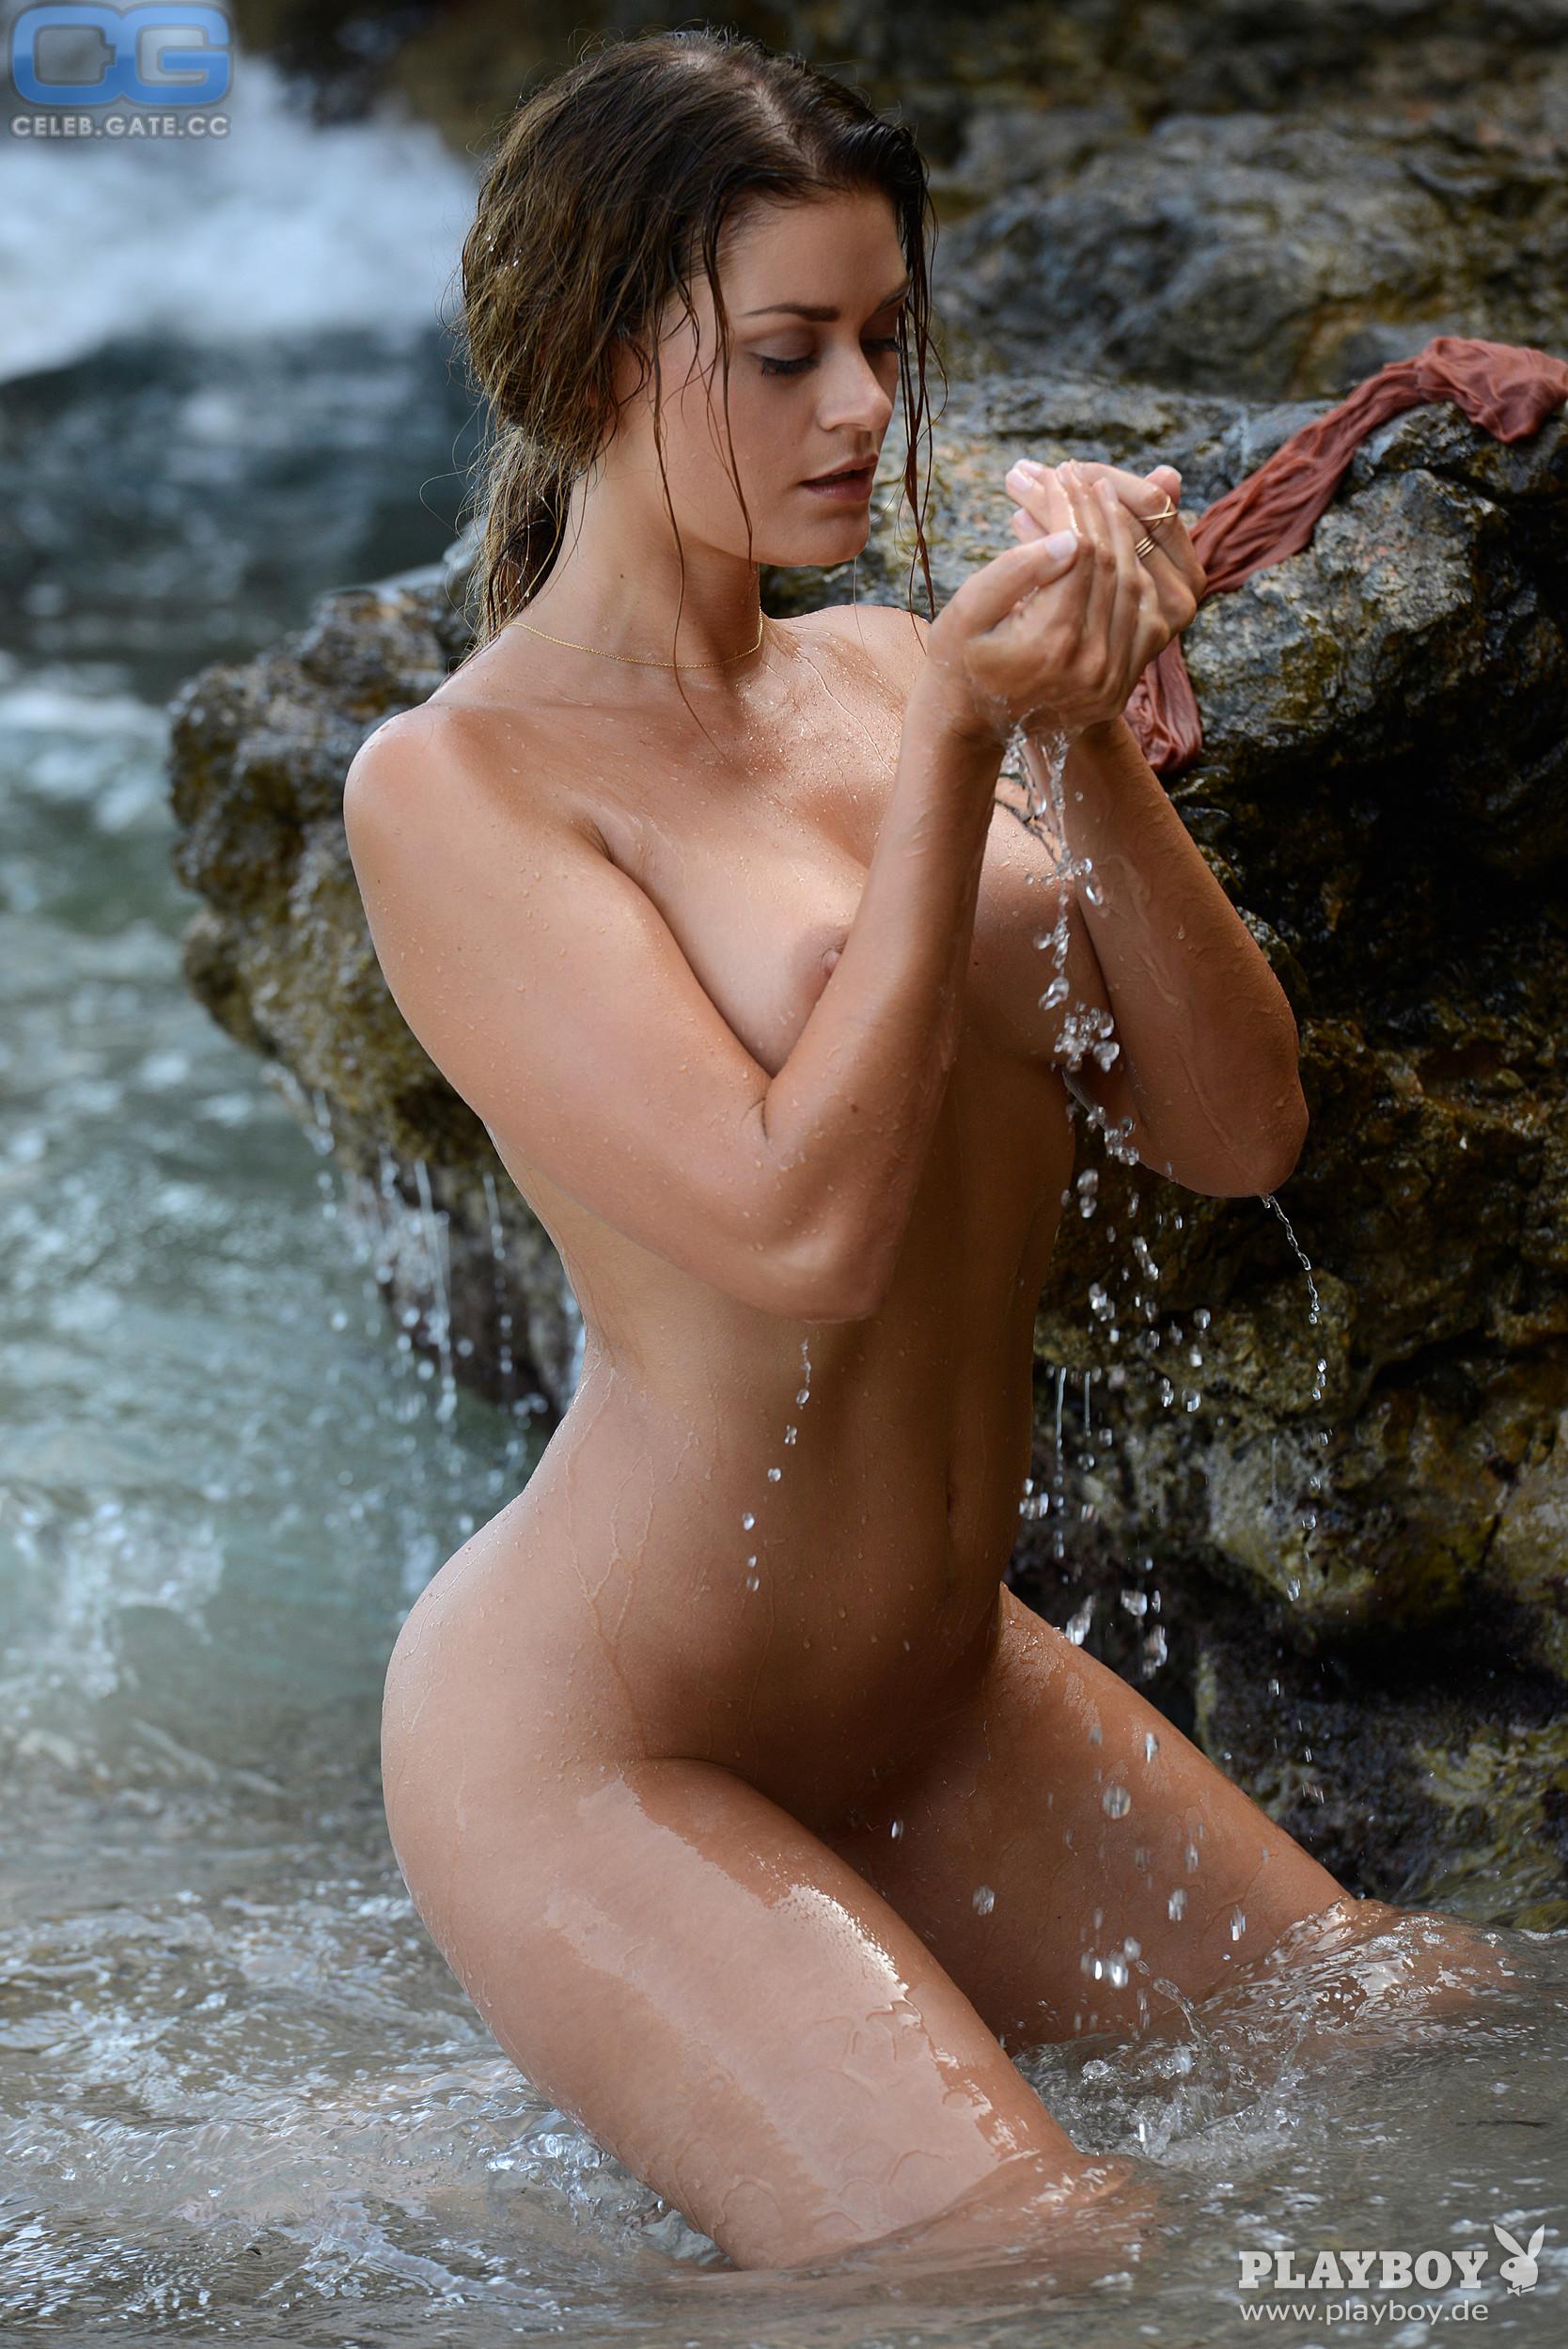 Christina braun nackt im playboy